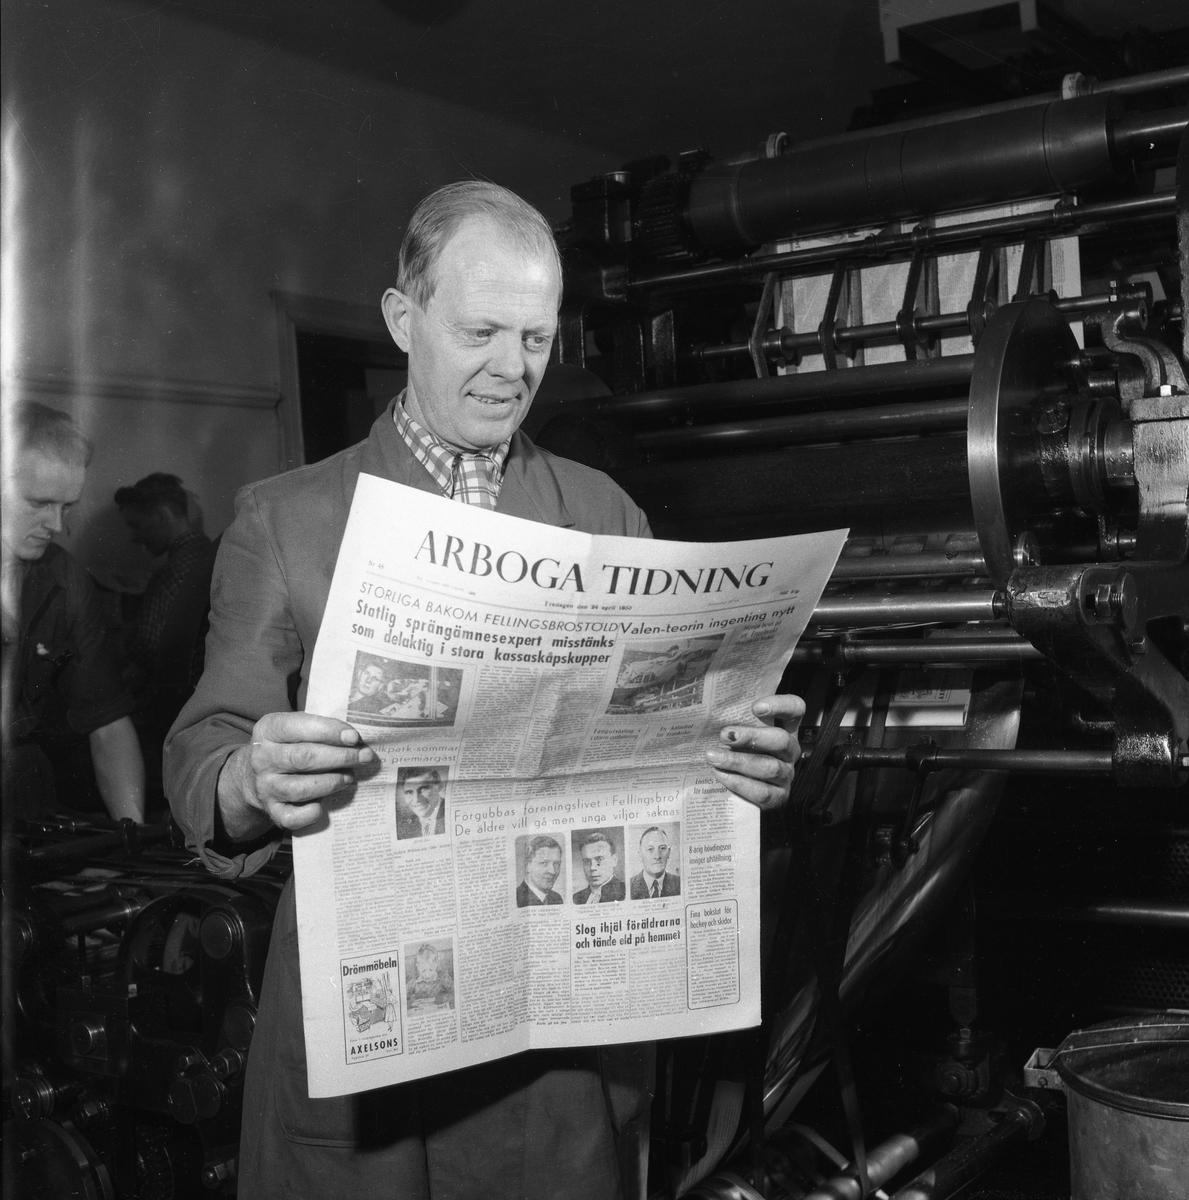 Arboga Tidning, personal och interiör. En man håller i en färsk upplaga av tidningen. Han är klädd i arbetsrock och står intill en tryckpress. Två andra män skymtar i bakgrunden.